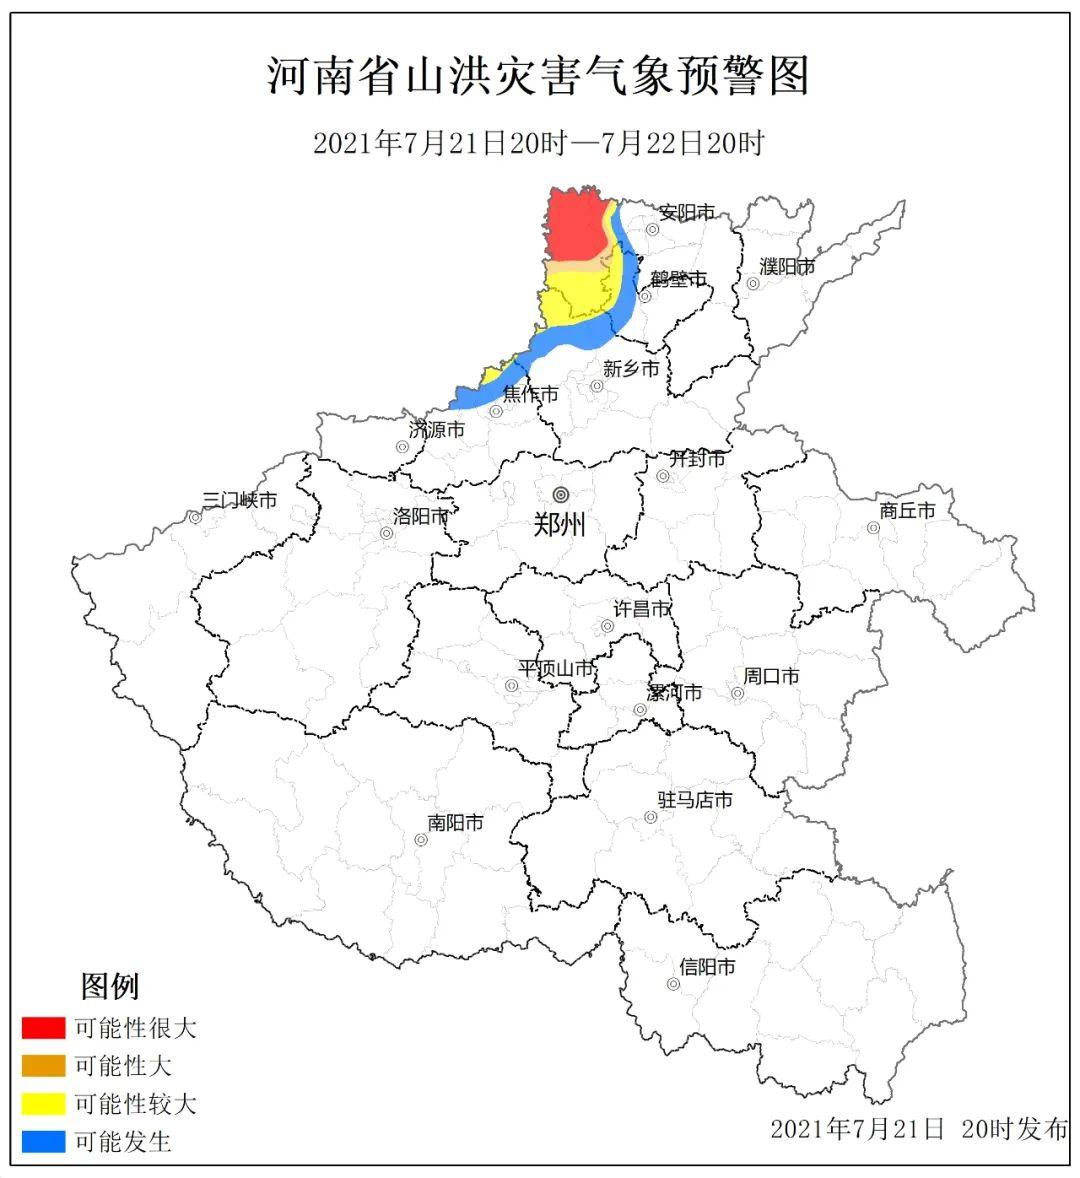 中国水科院:河南255个村庄洪水超50年一遇 达极高危等级